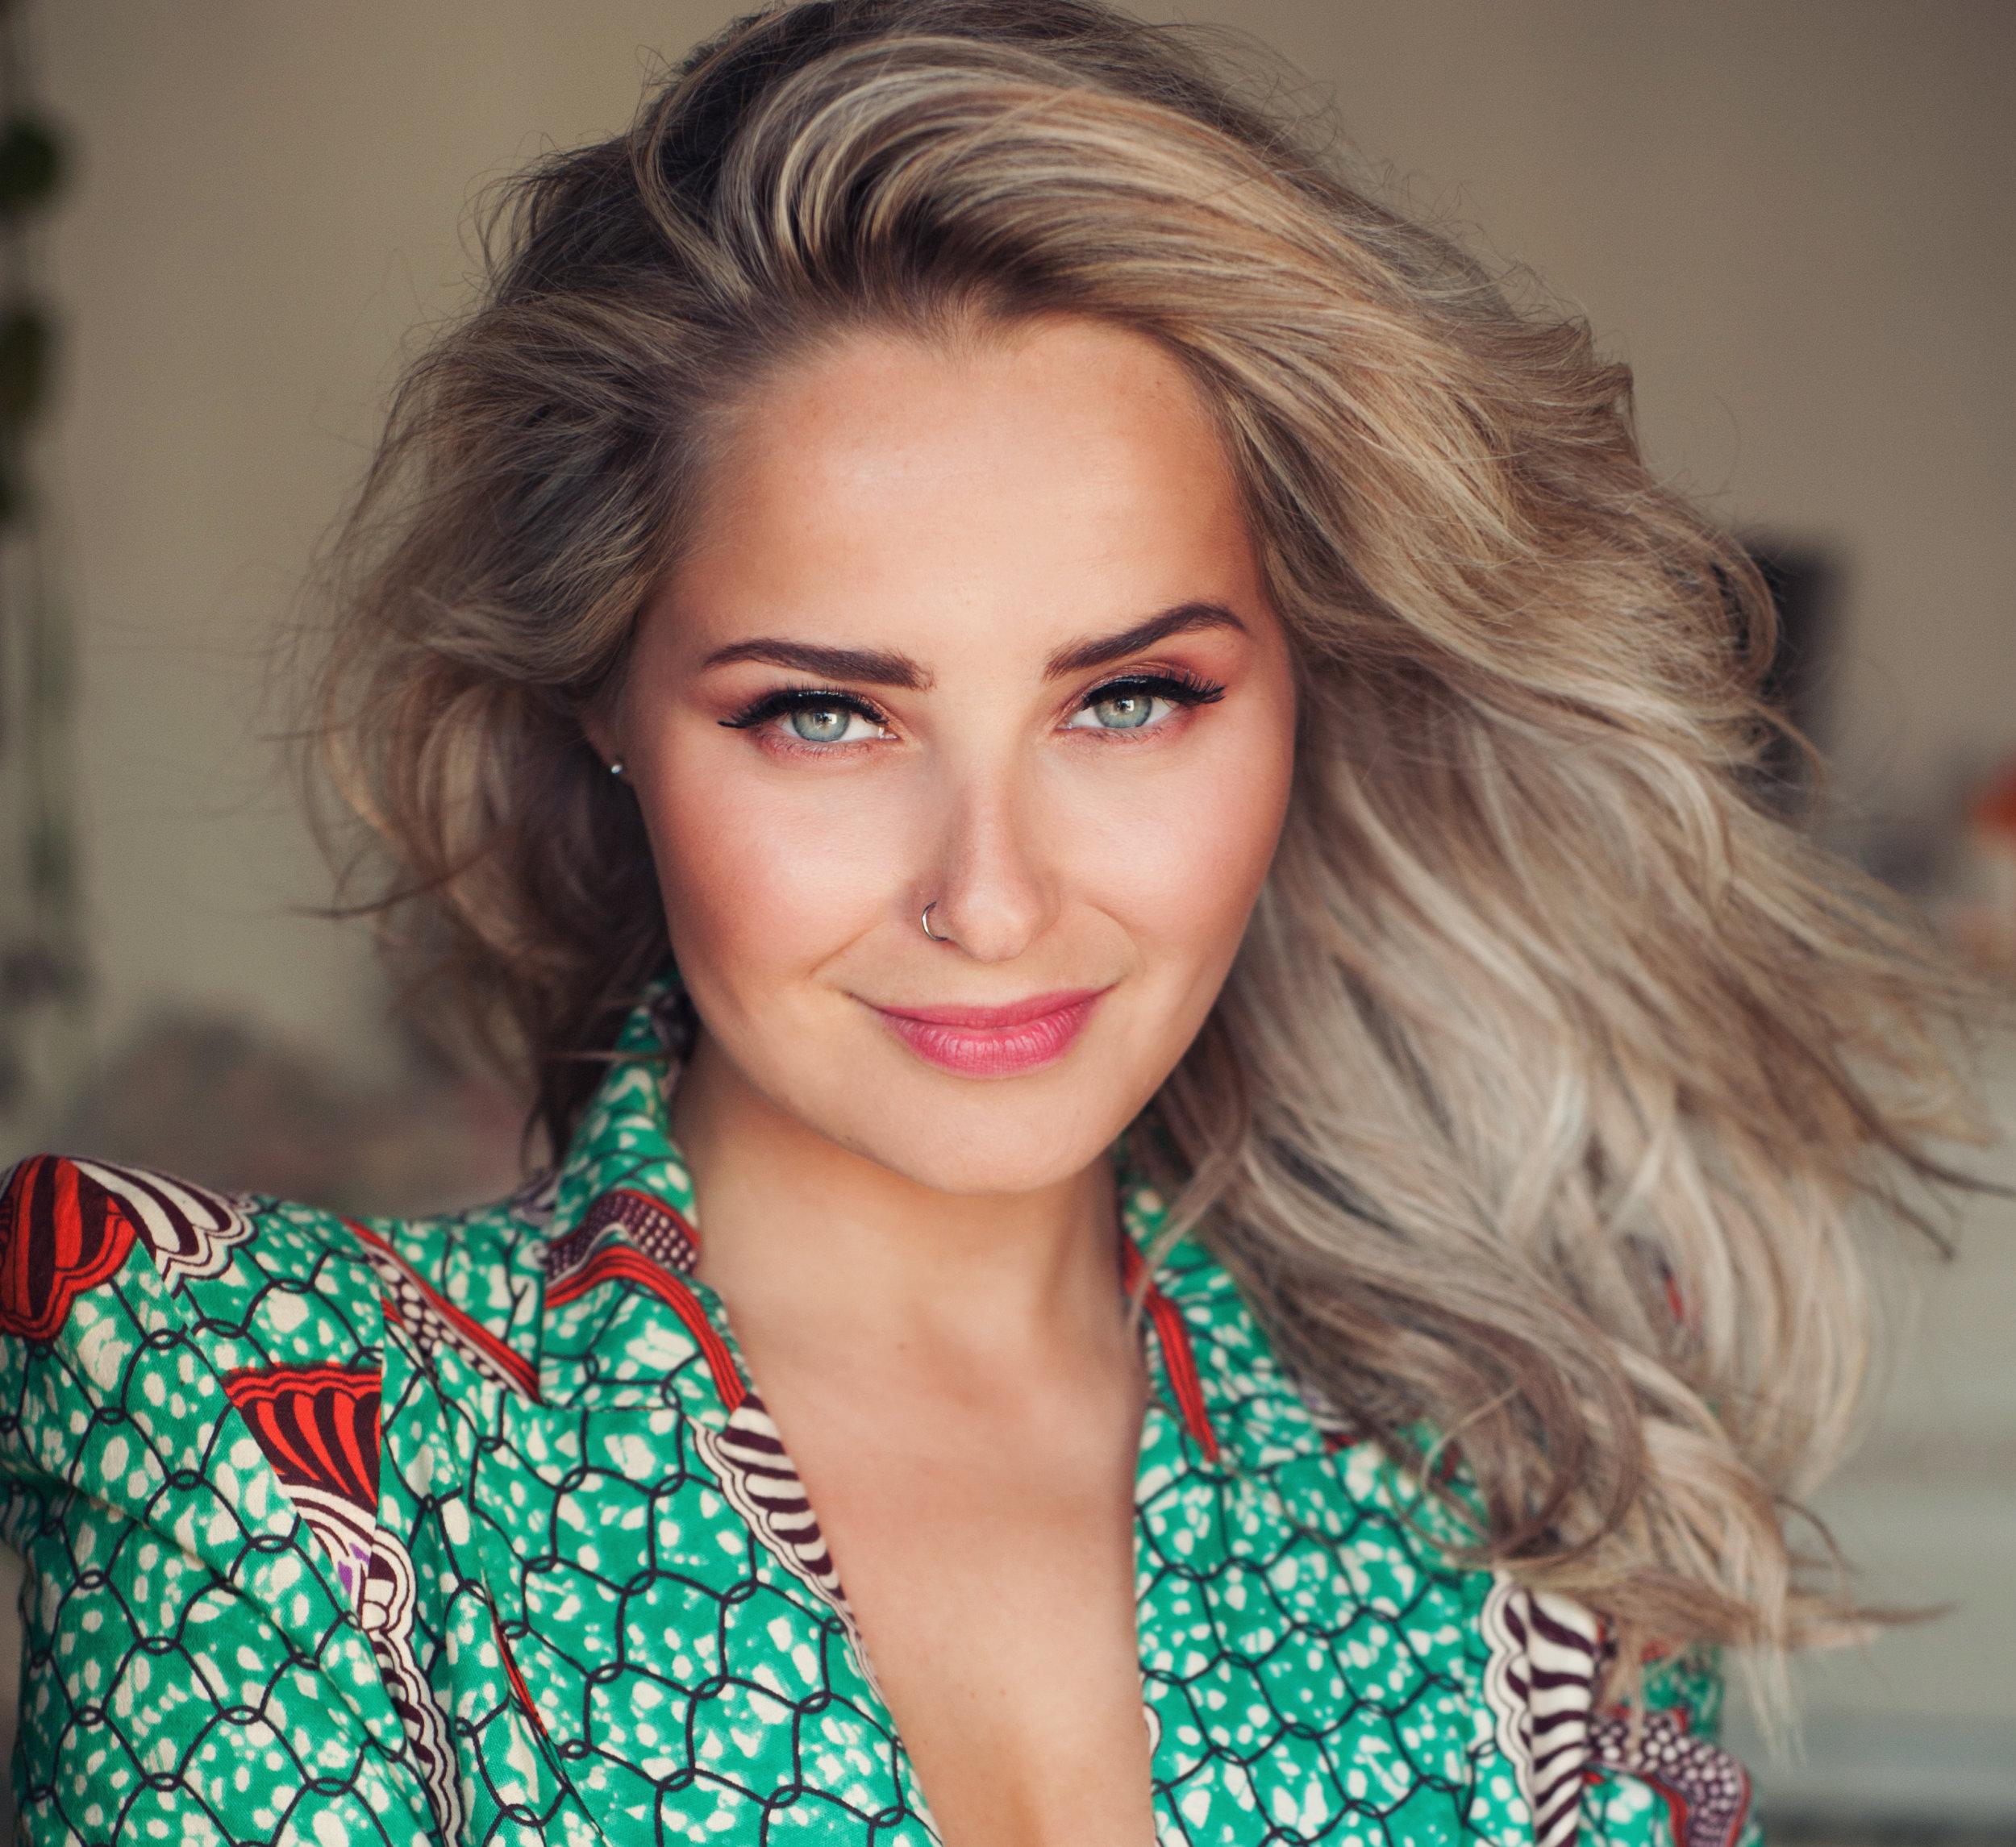 Persia Lawson